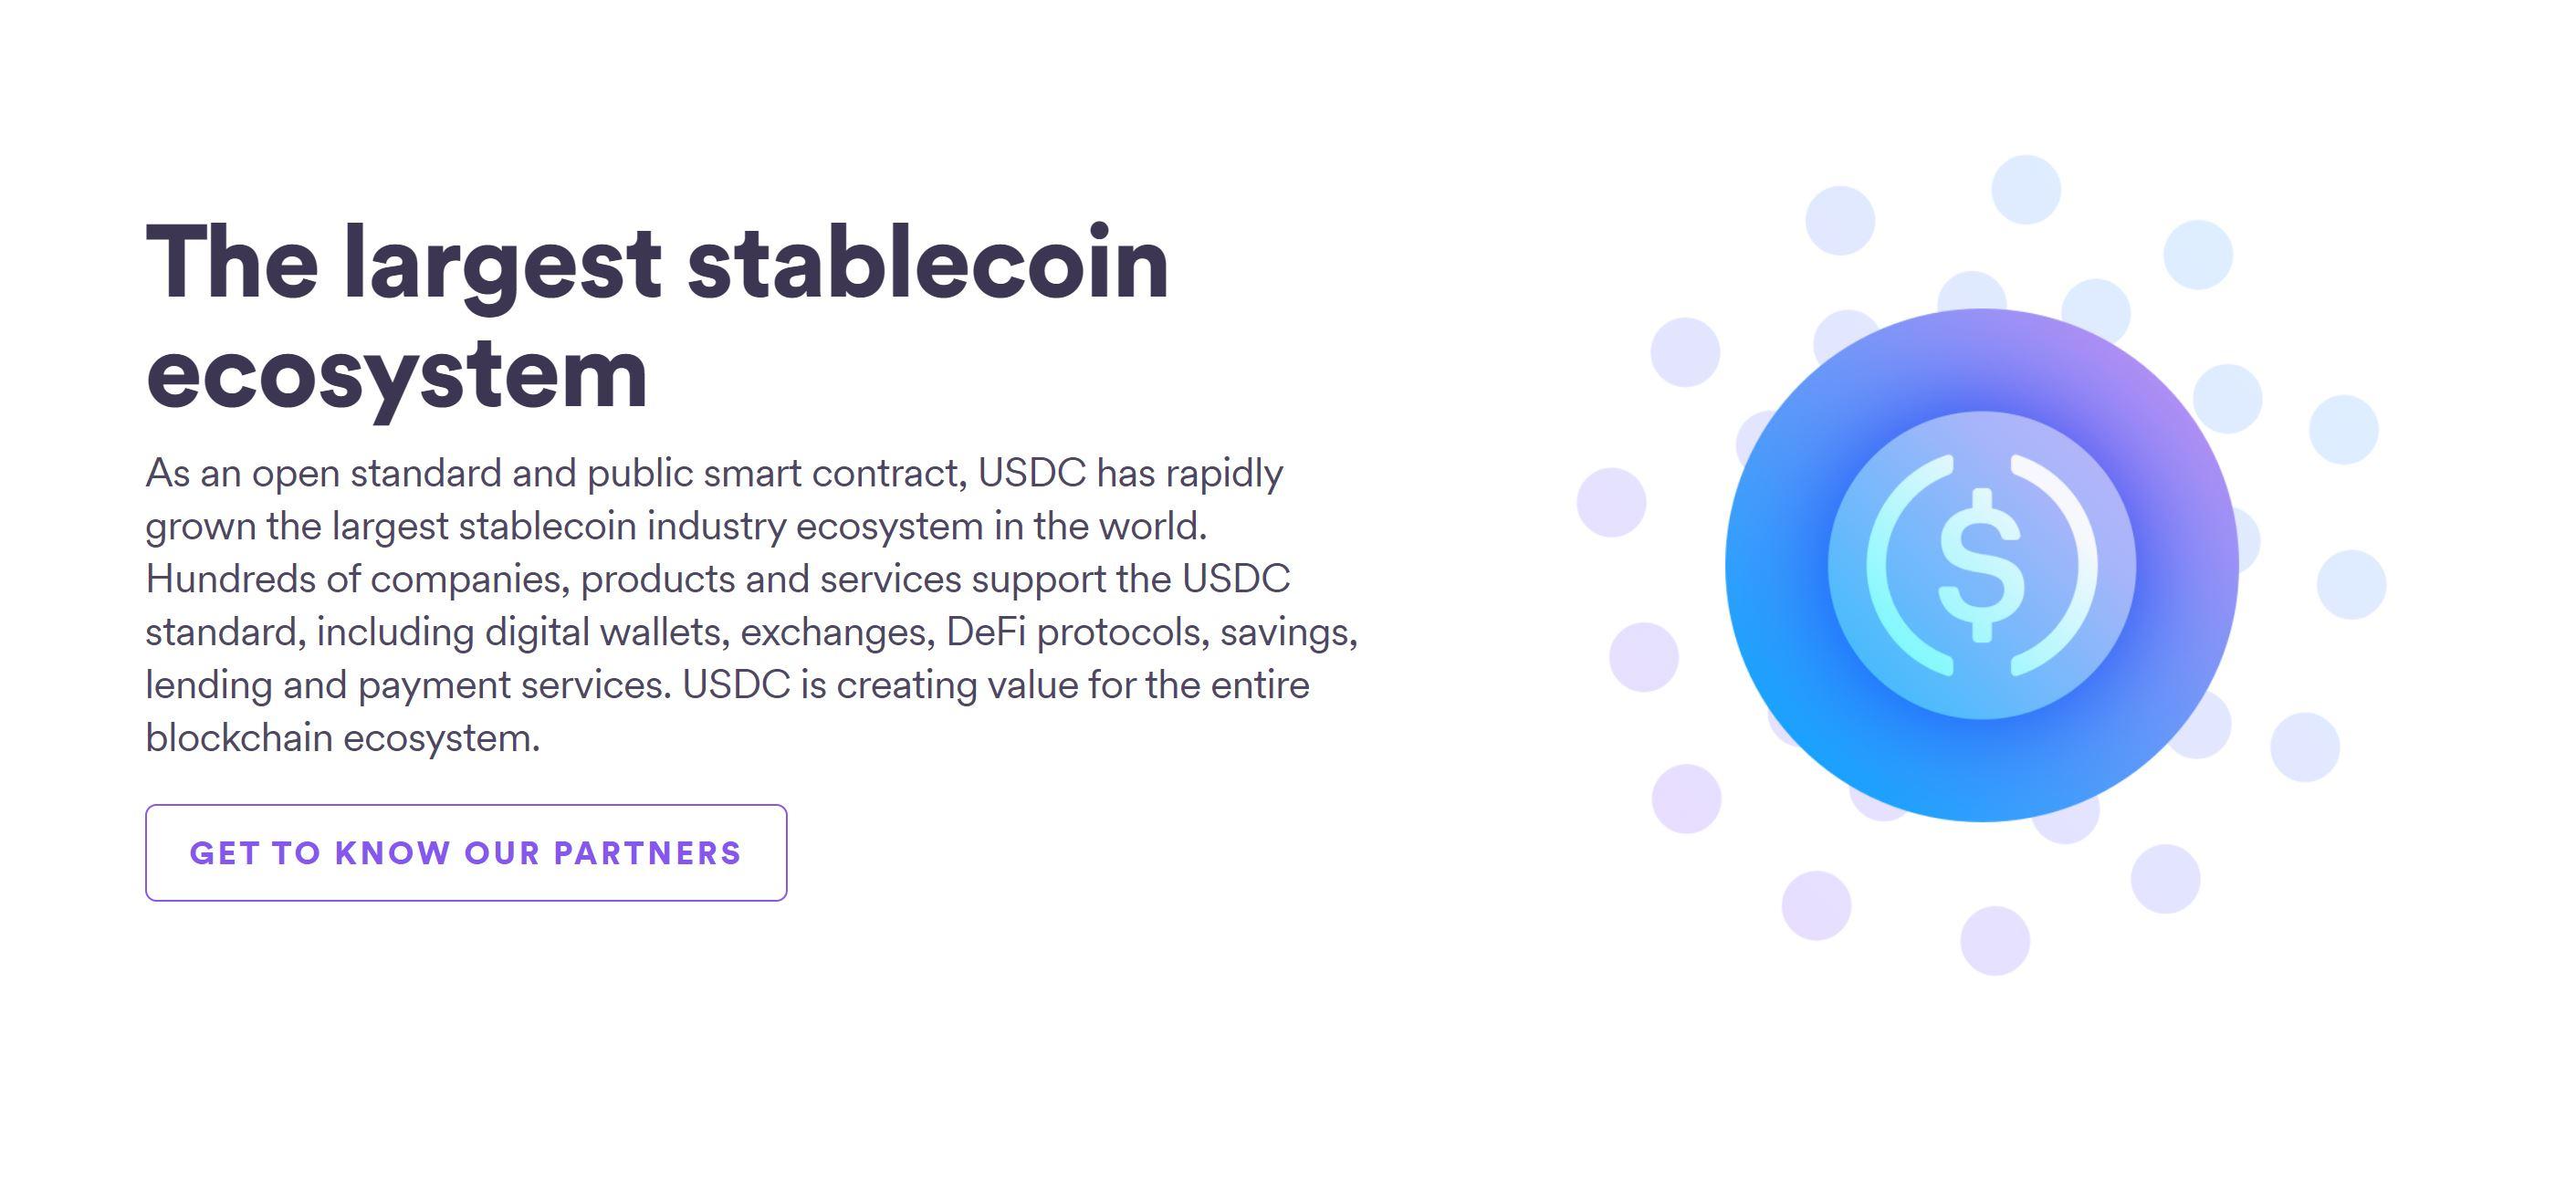 USD Coin Stablecoin uitgelegd